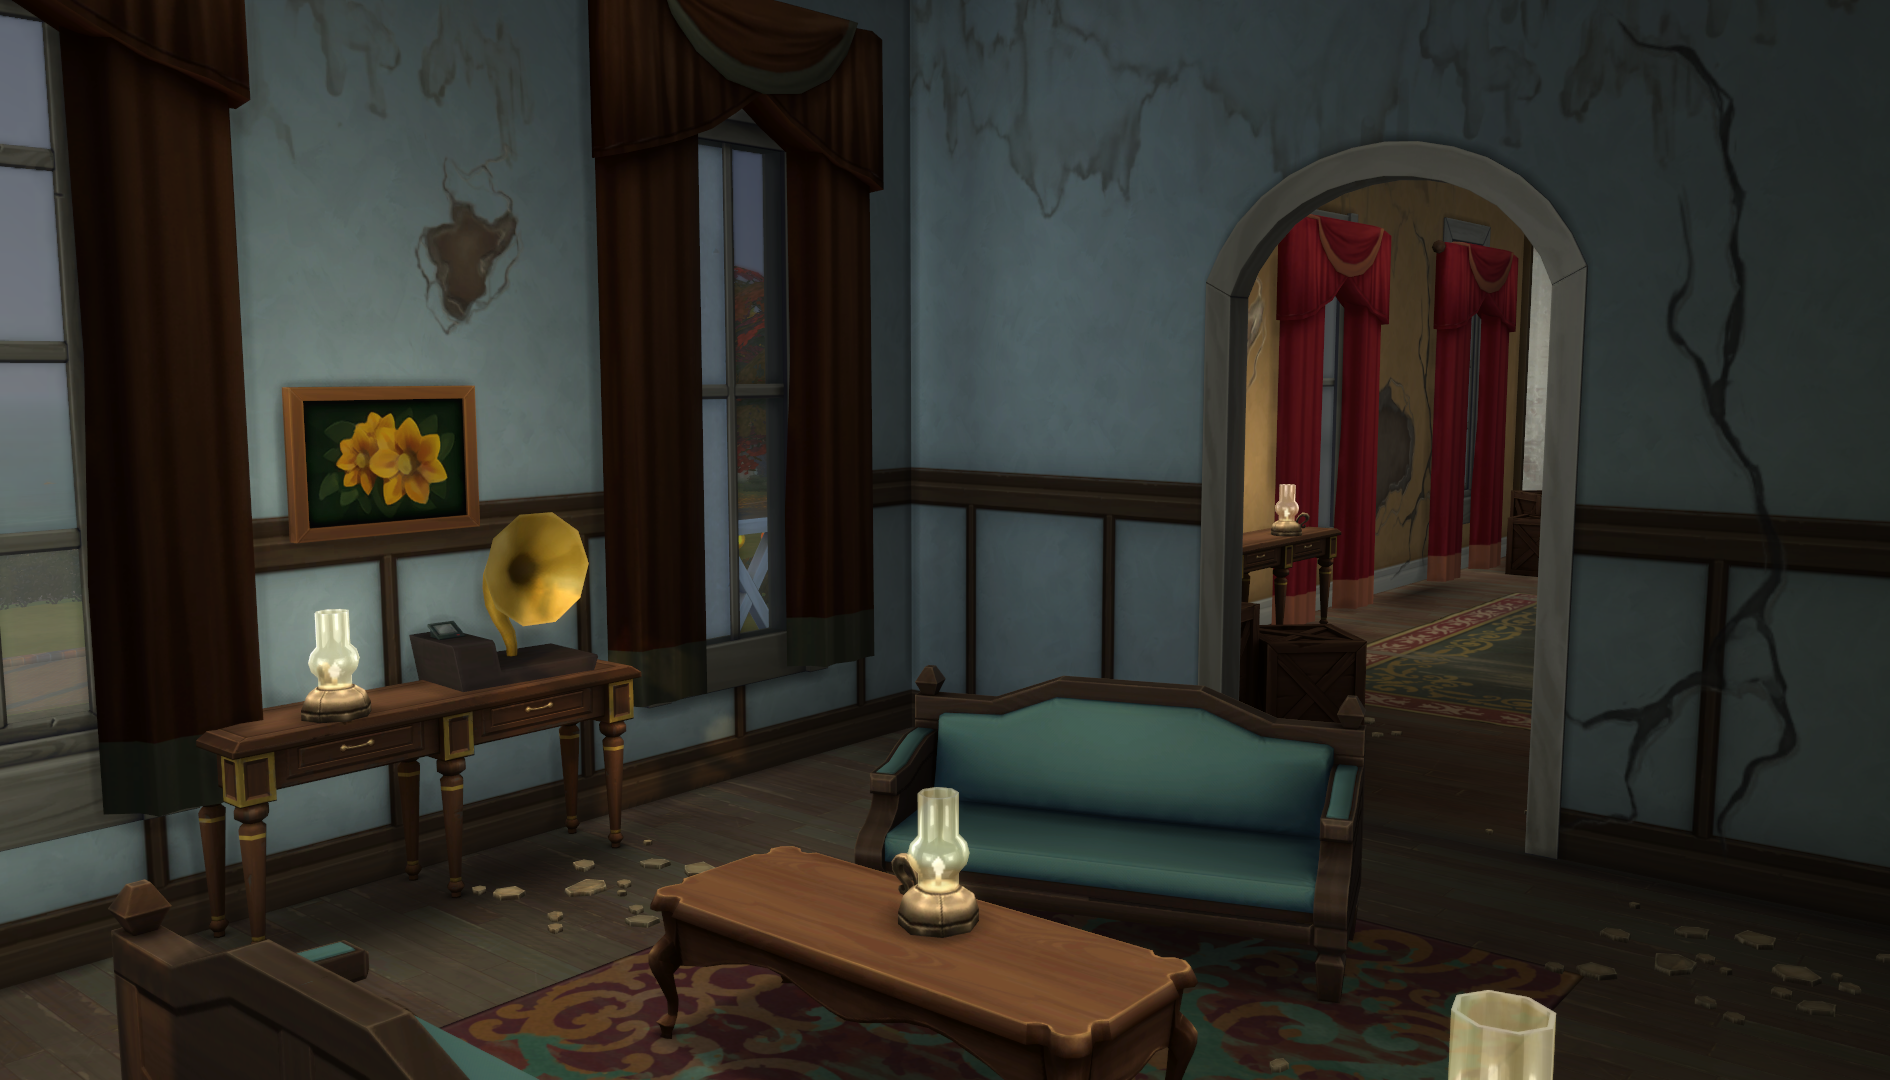 The Sims 4 si trasforma in Red Dead Redemption 2 grazie a un fan